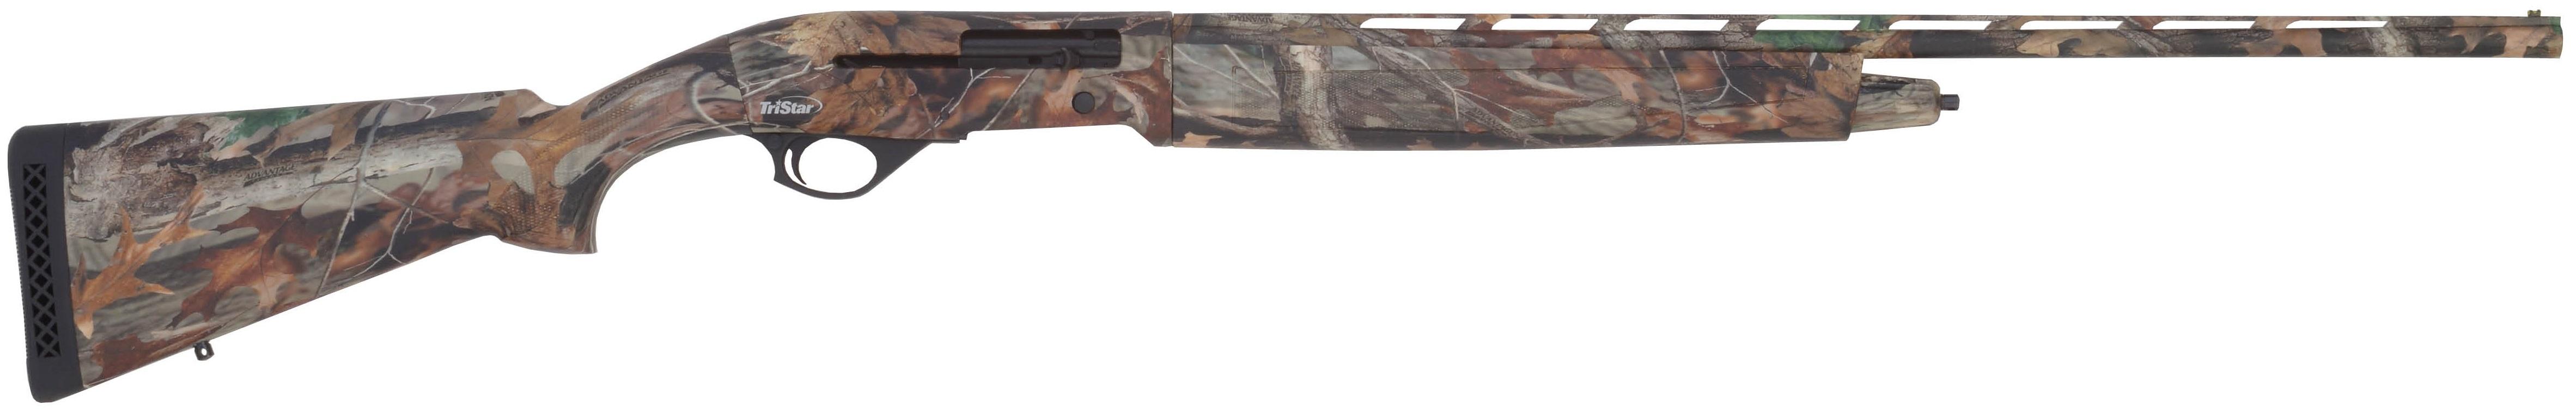 TriStar Sporting Arms VIPER G2 CAMO 410 BORE